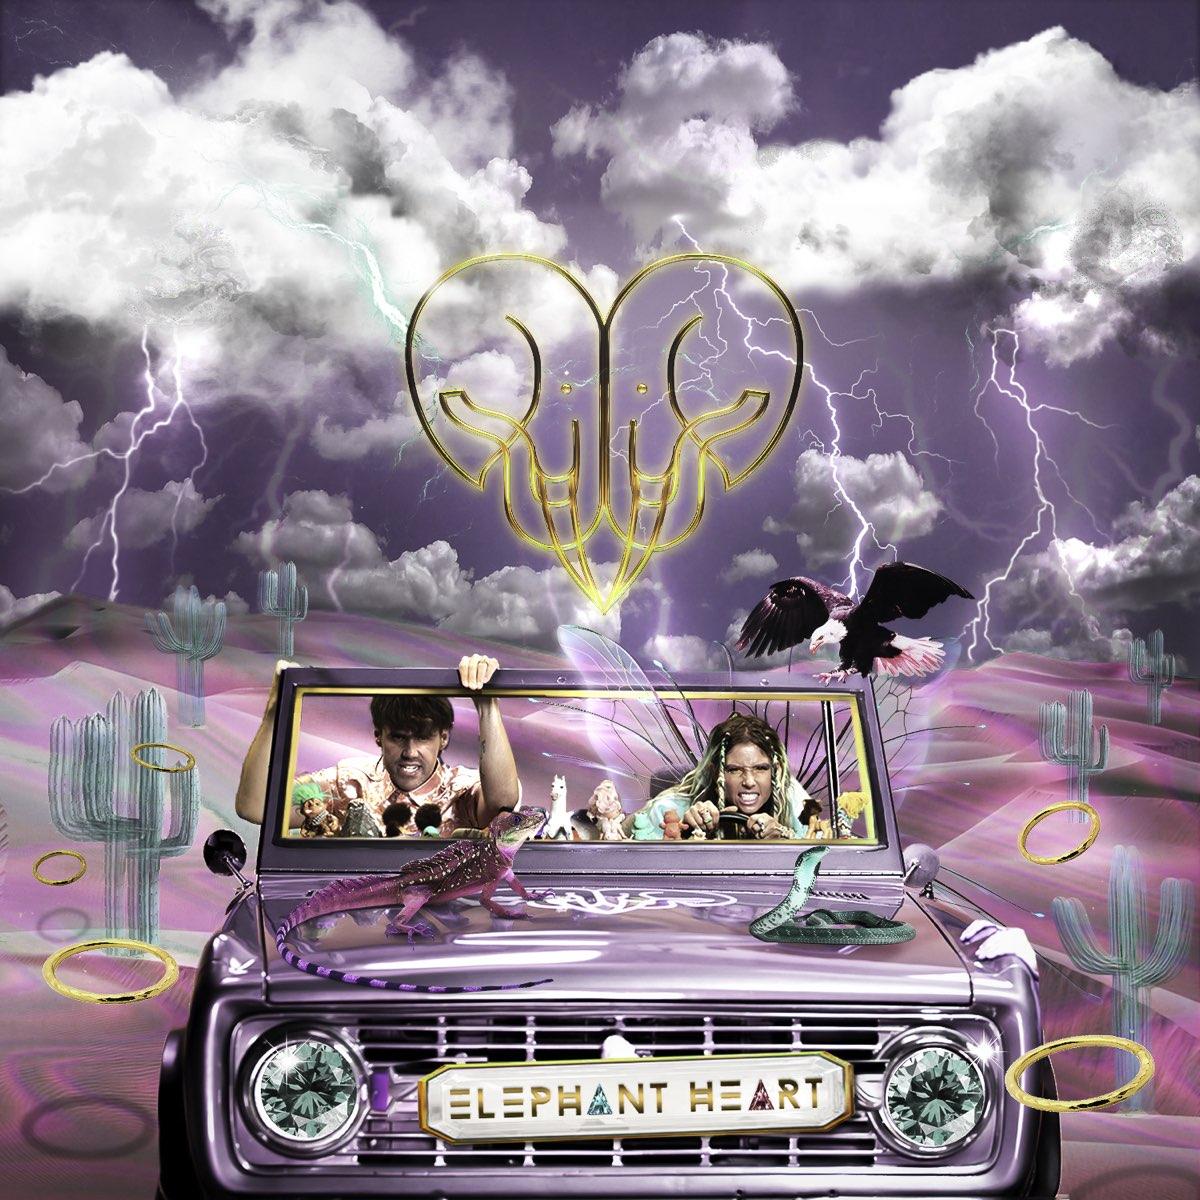 Elephant Heart - The Thunder (Single)